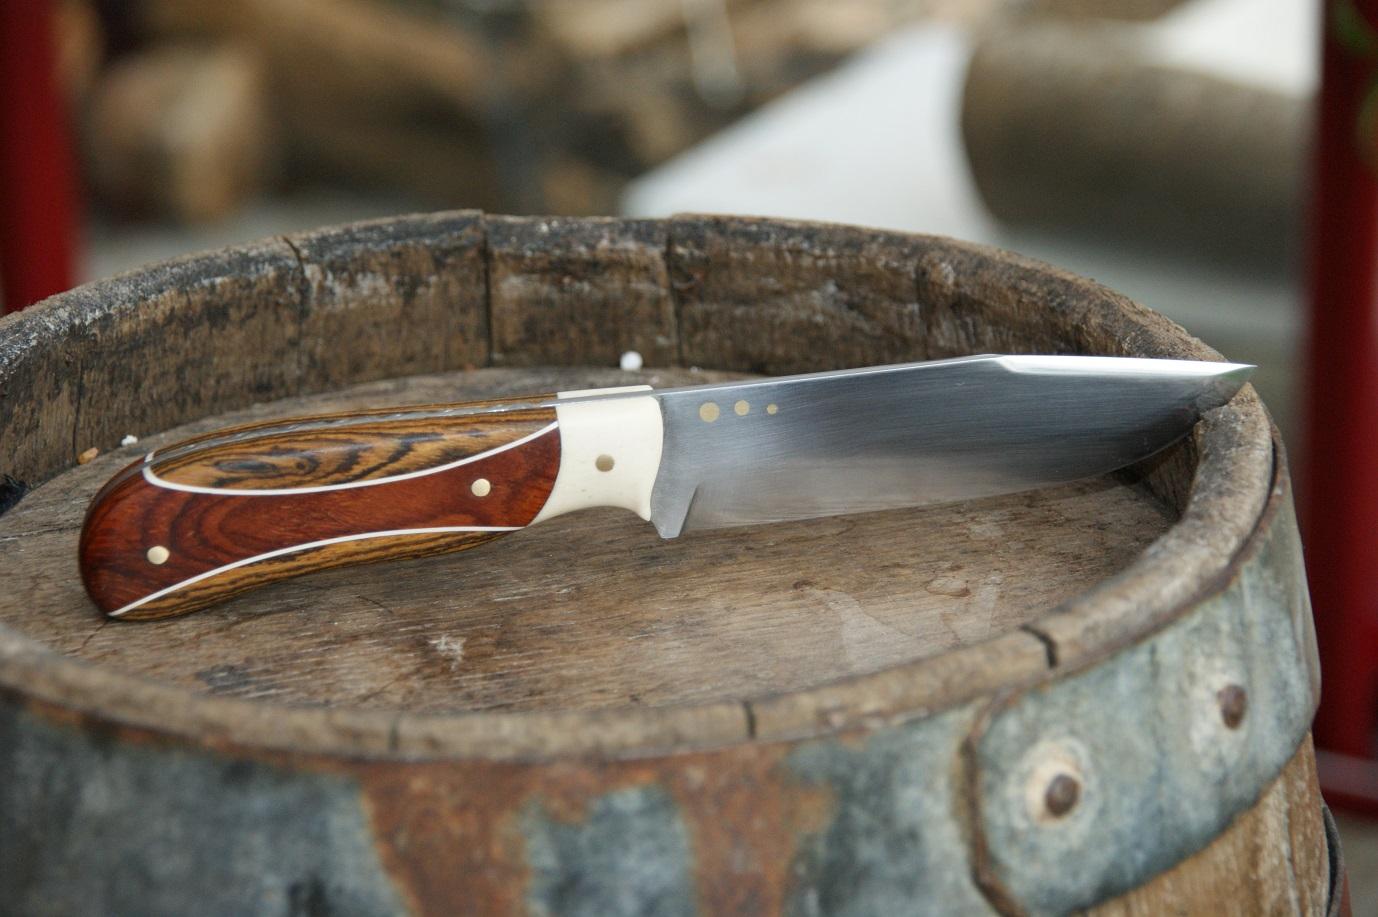 Couteaux en binôme , nouvelle passion  14010909290016273911884439